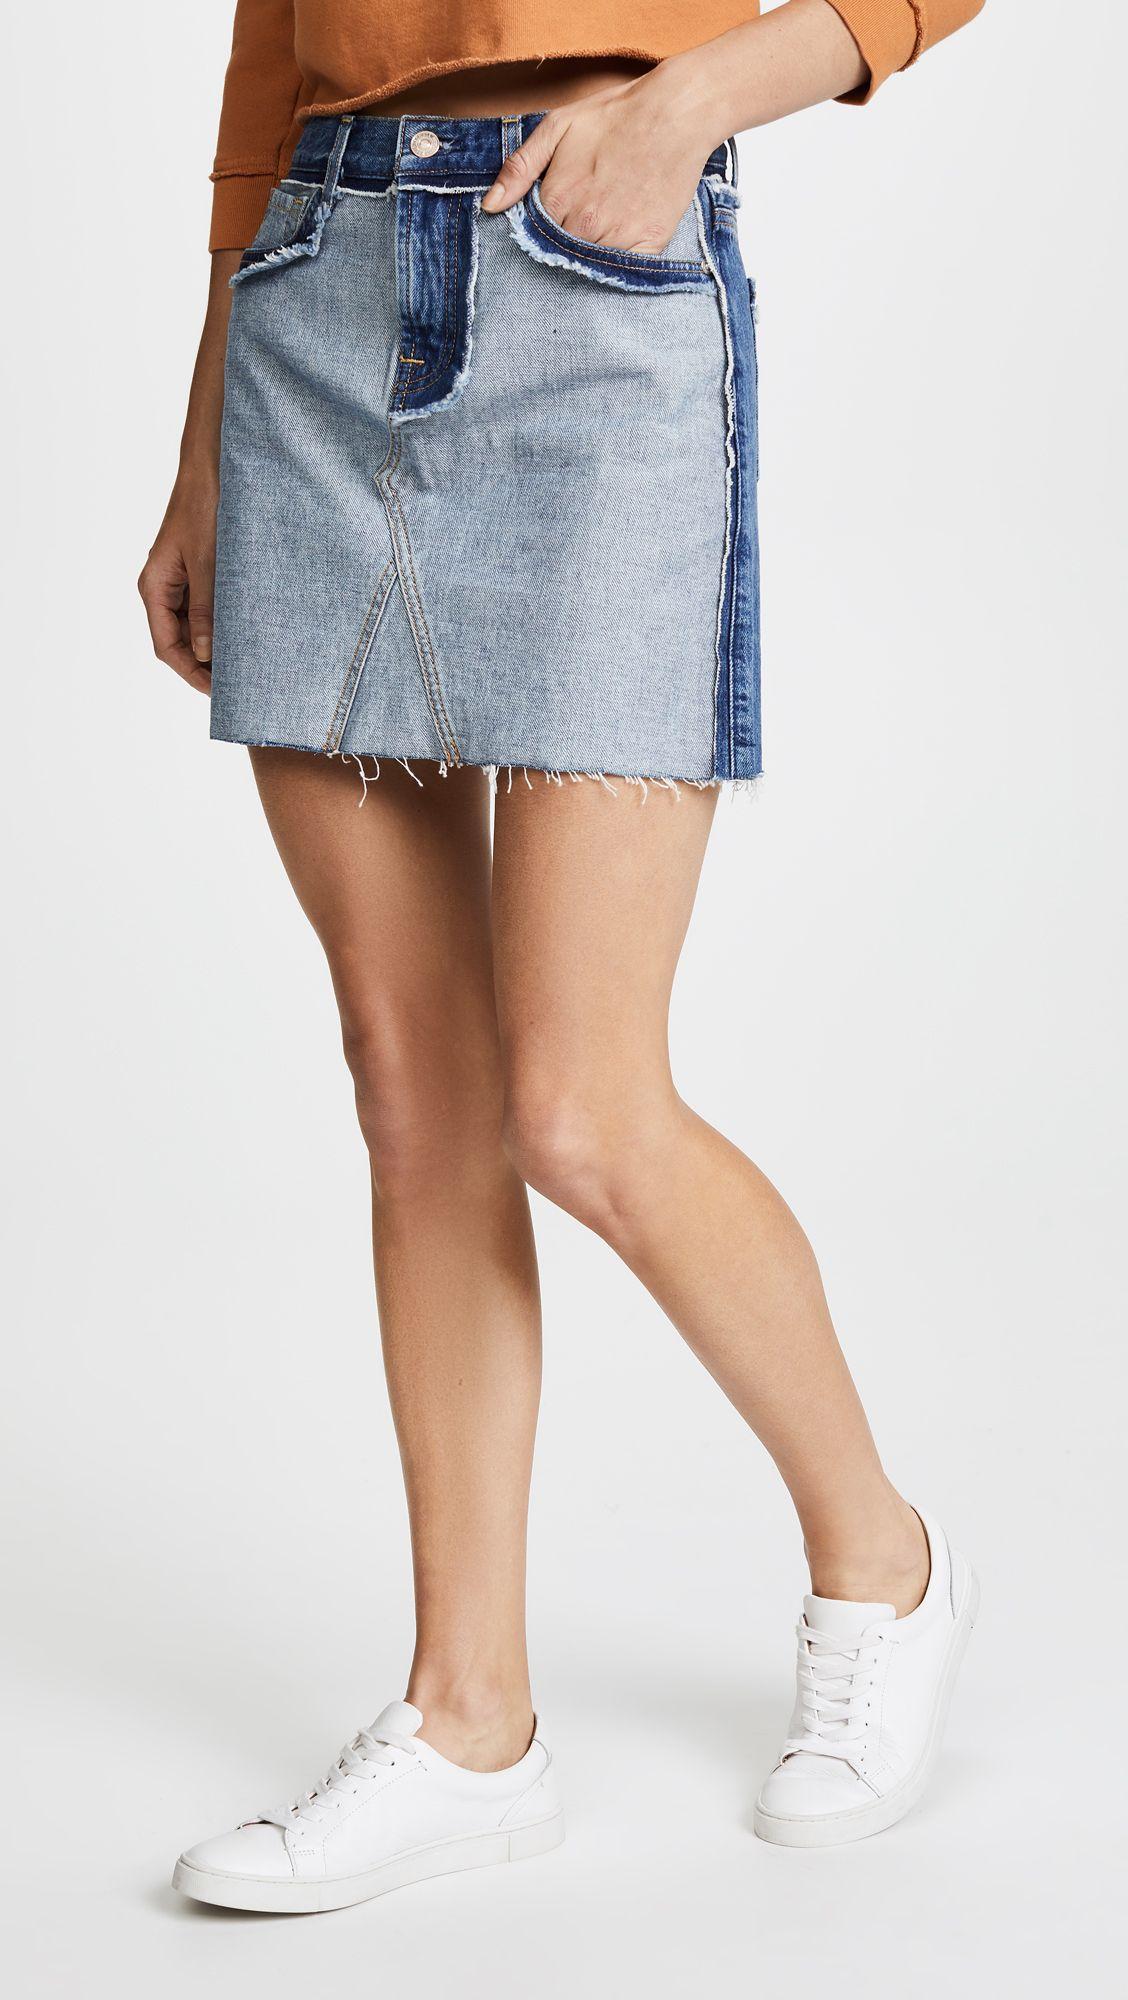 Vestidos opps jeans